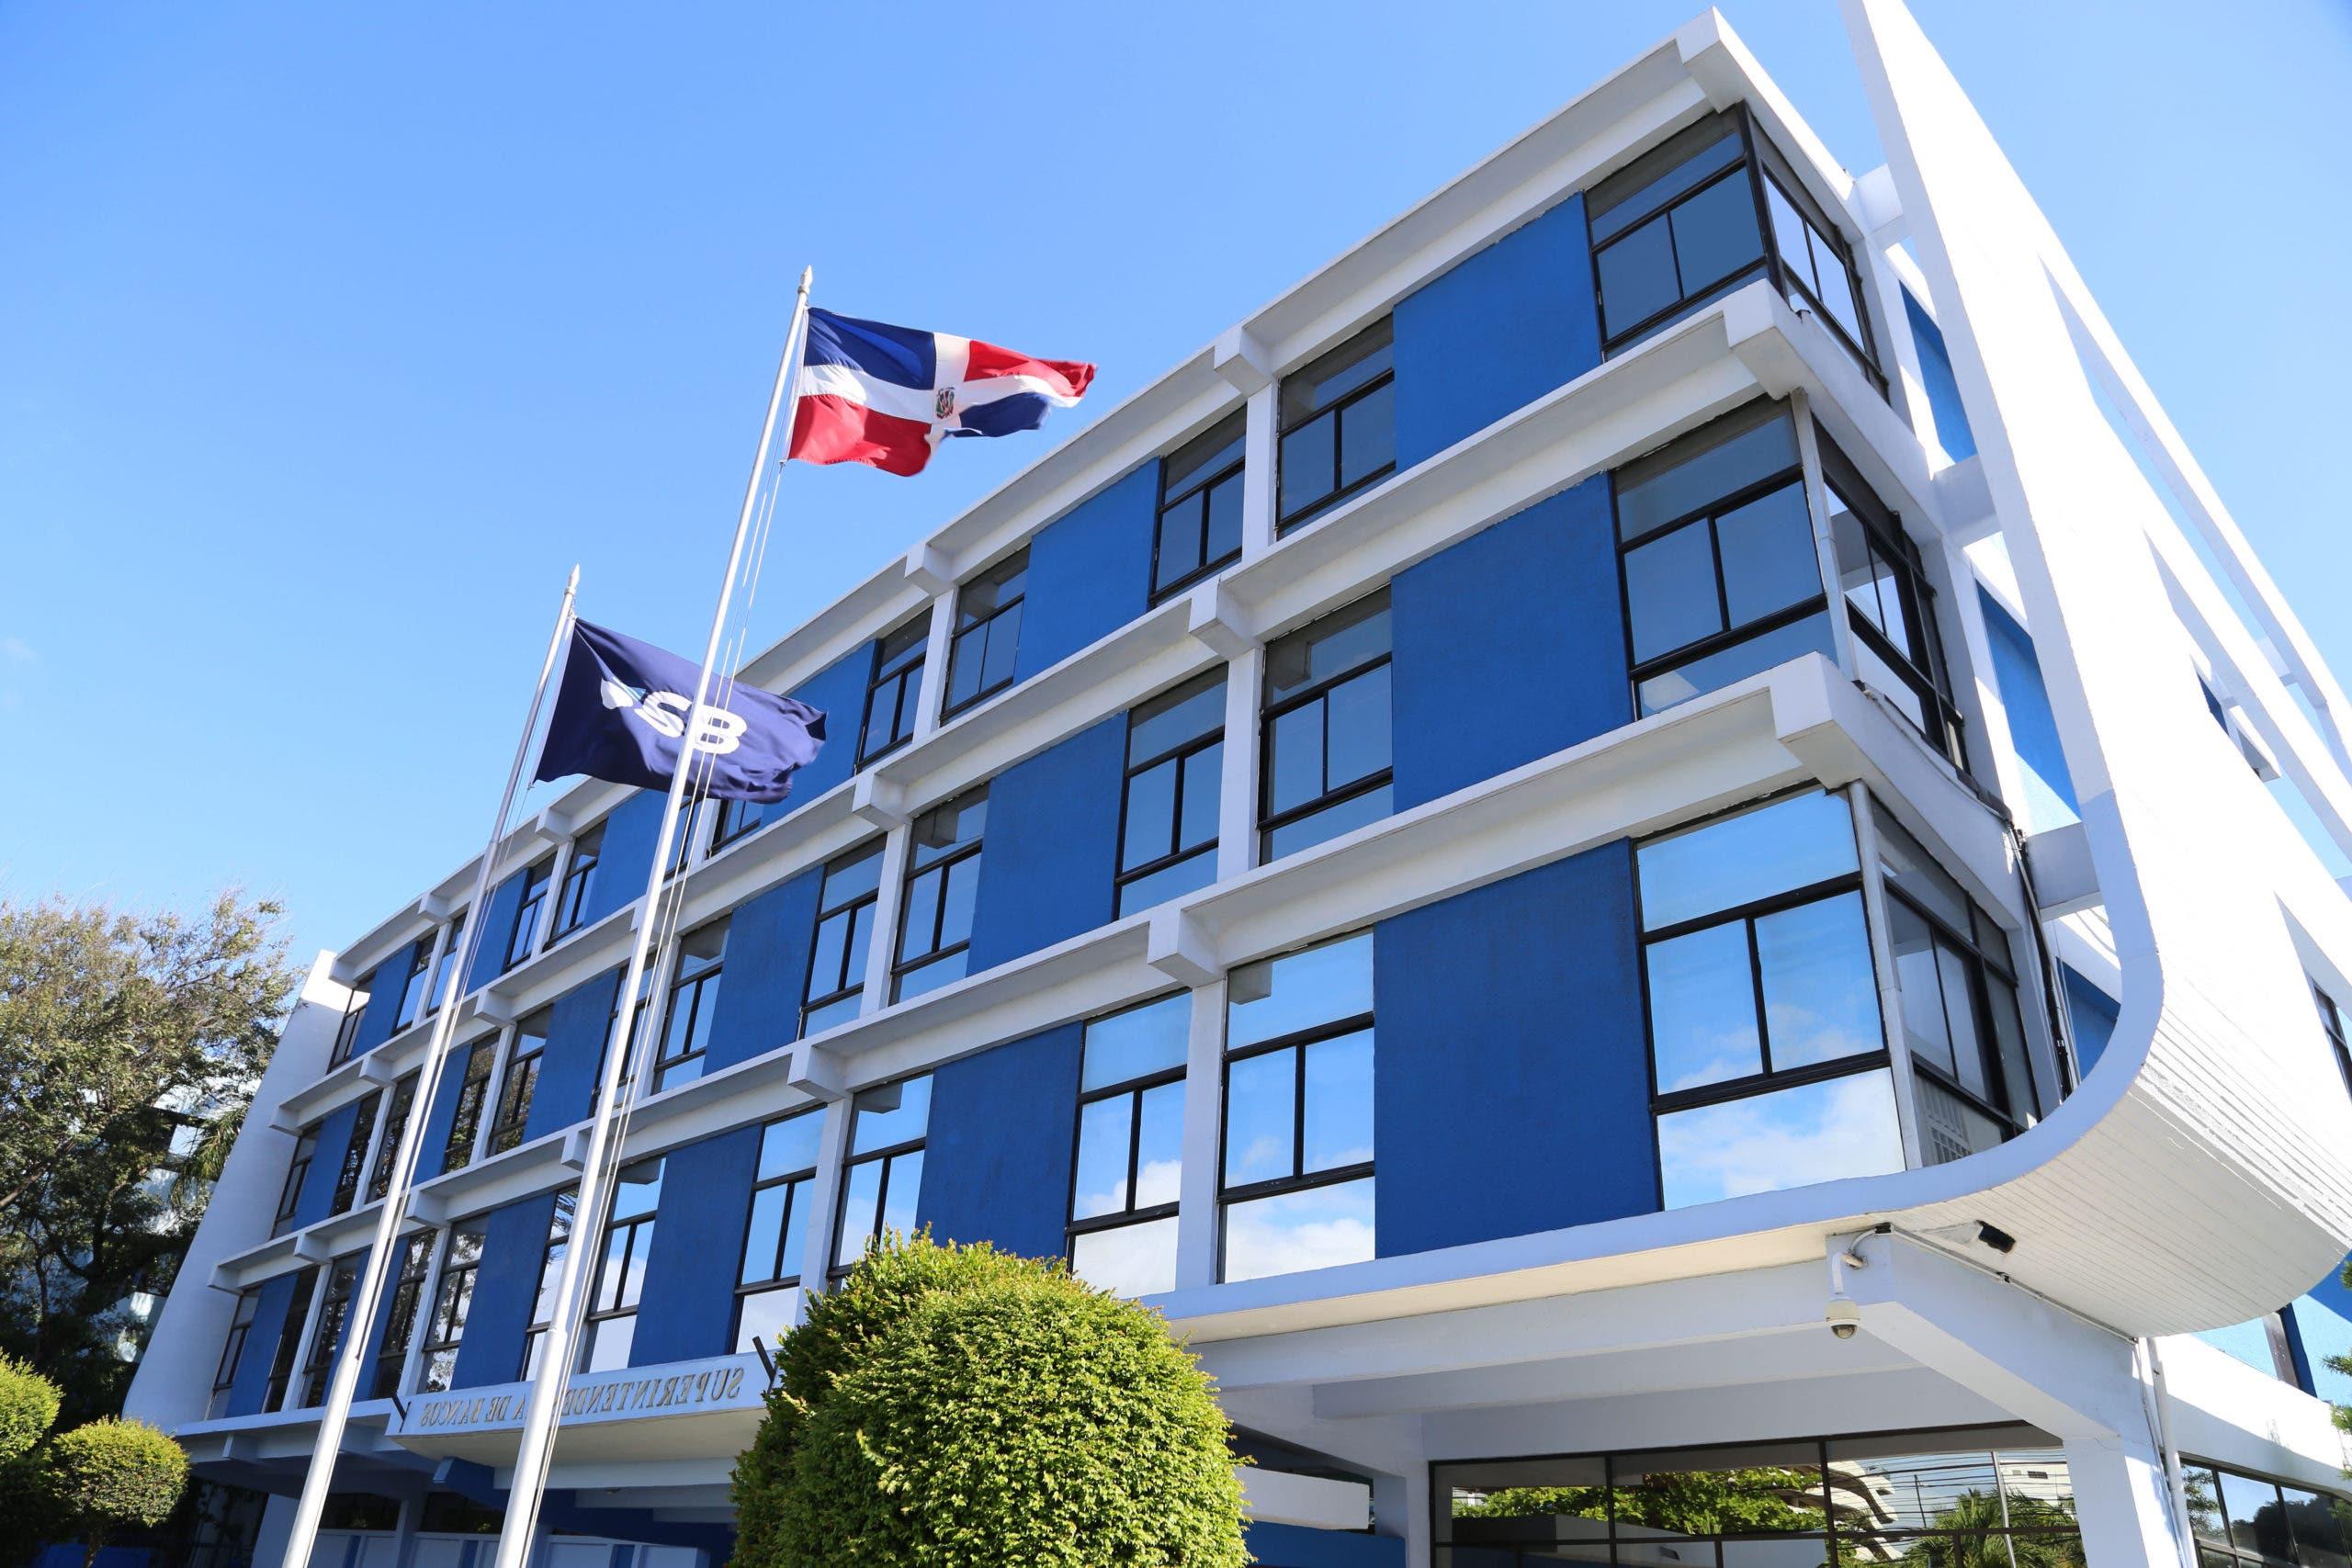 Activos de la banca dominicana crecieron 18.6% en primer trimestre del año